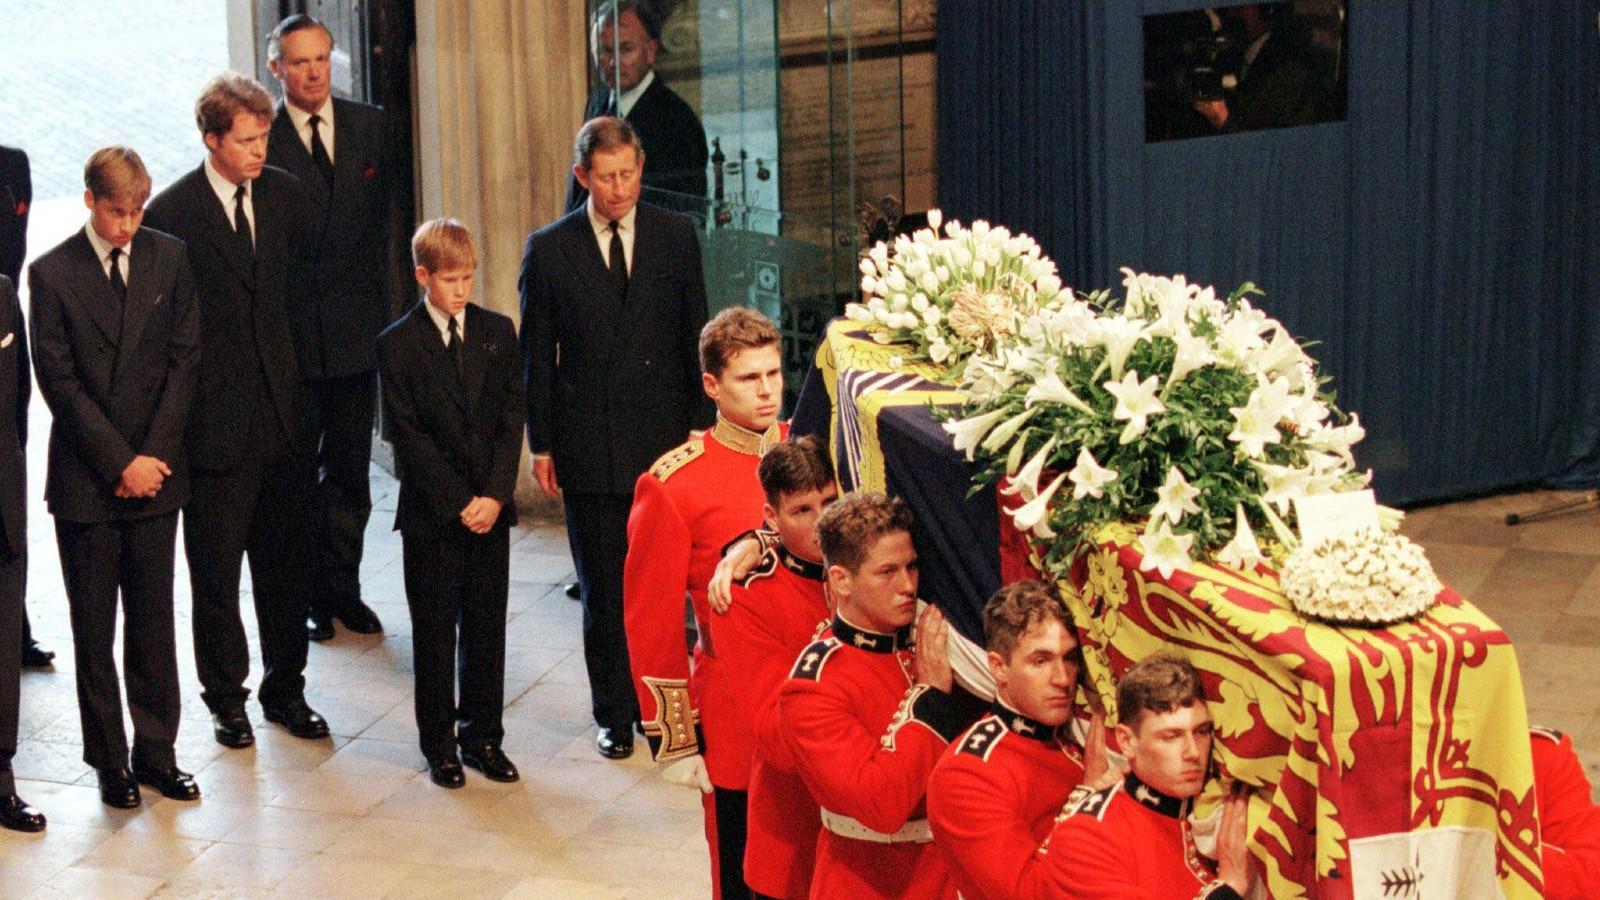 Le Prince William, le Comte Spencer, le Prince Harry et le Prince Charles suivent le cercueil de Diana, Princesse de Galles, dans l'Abbaye de Westminster le 6 septembre.